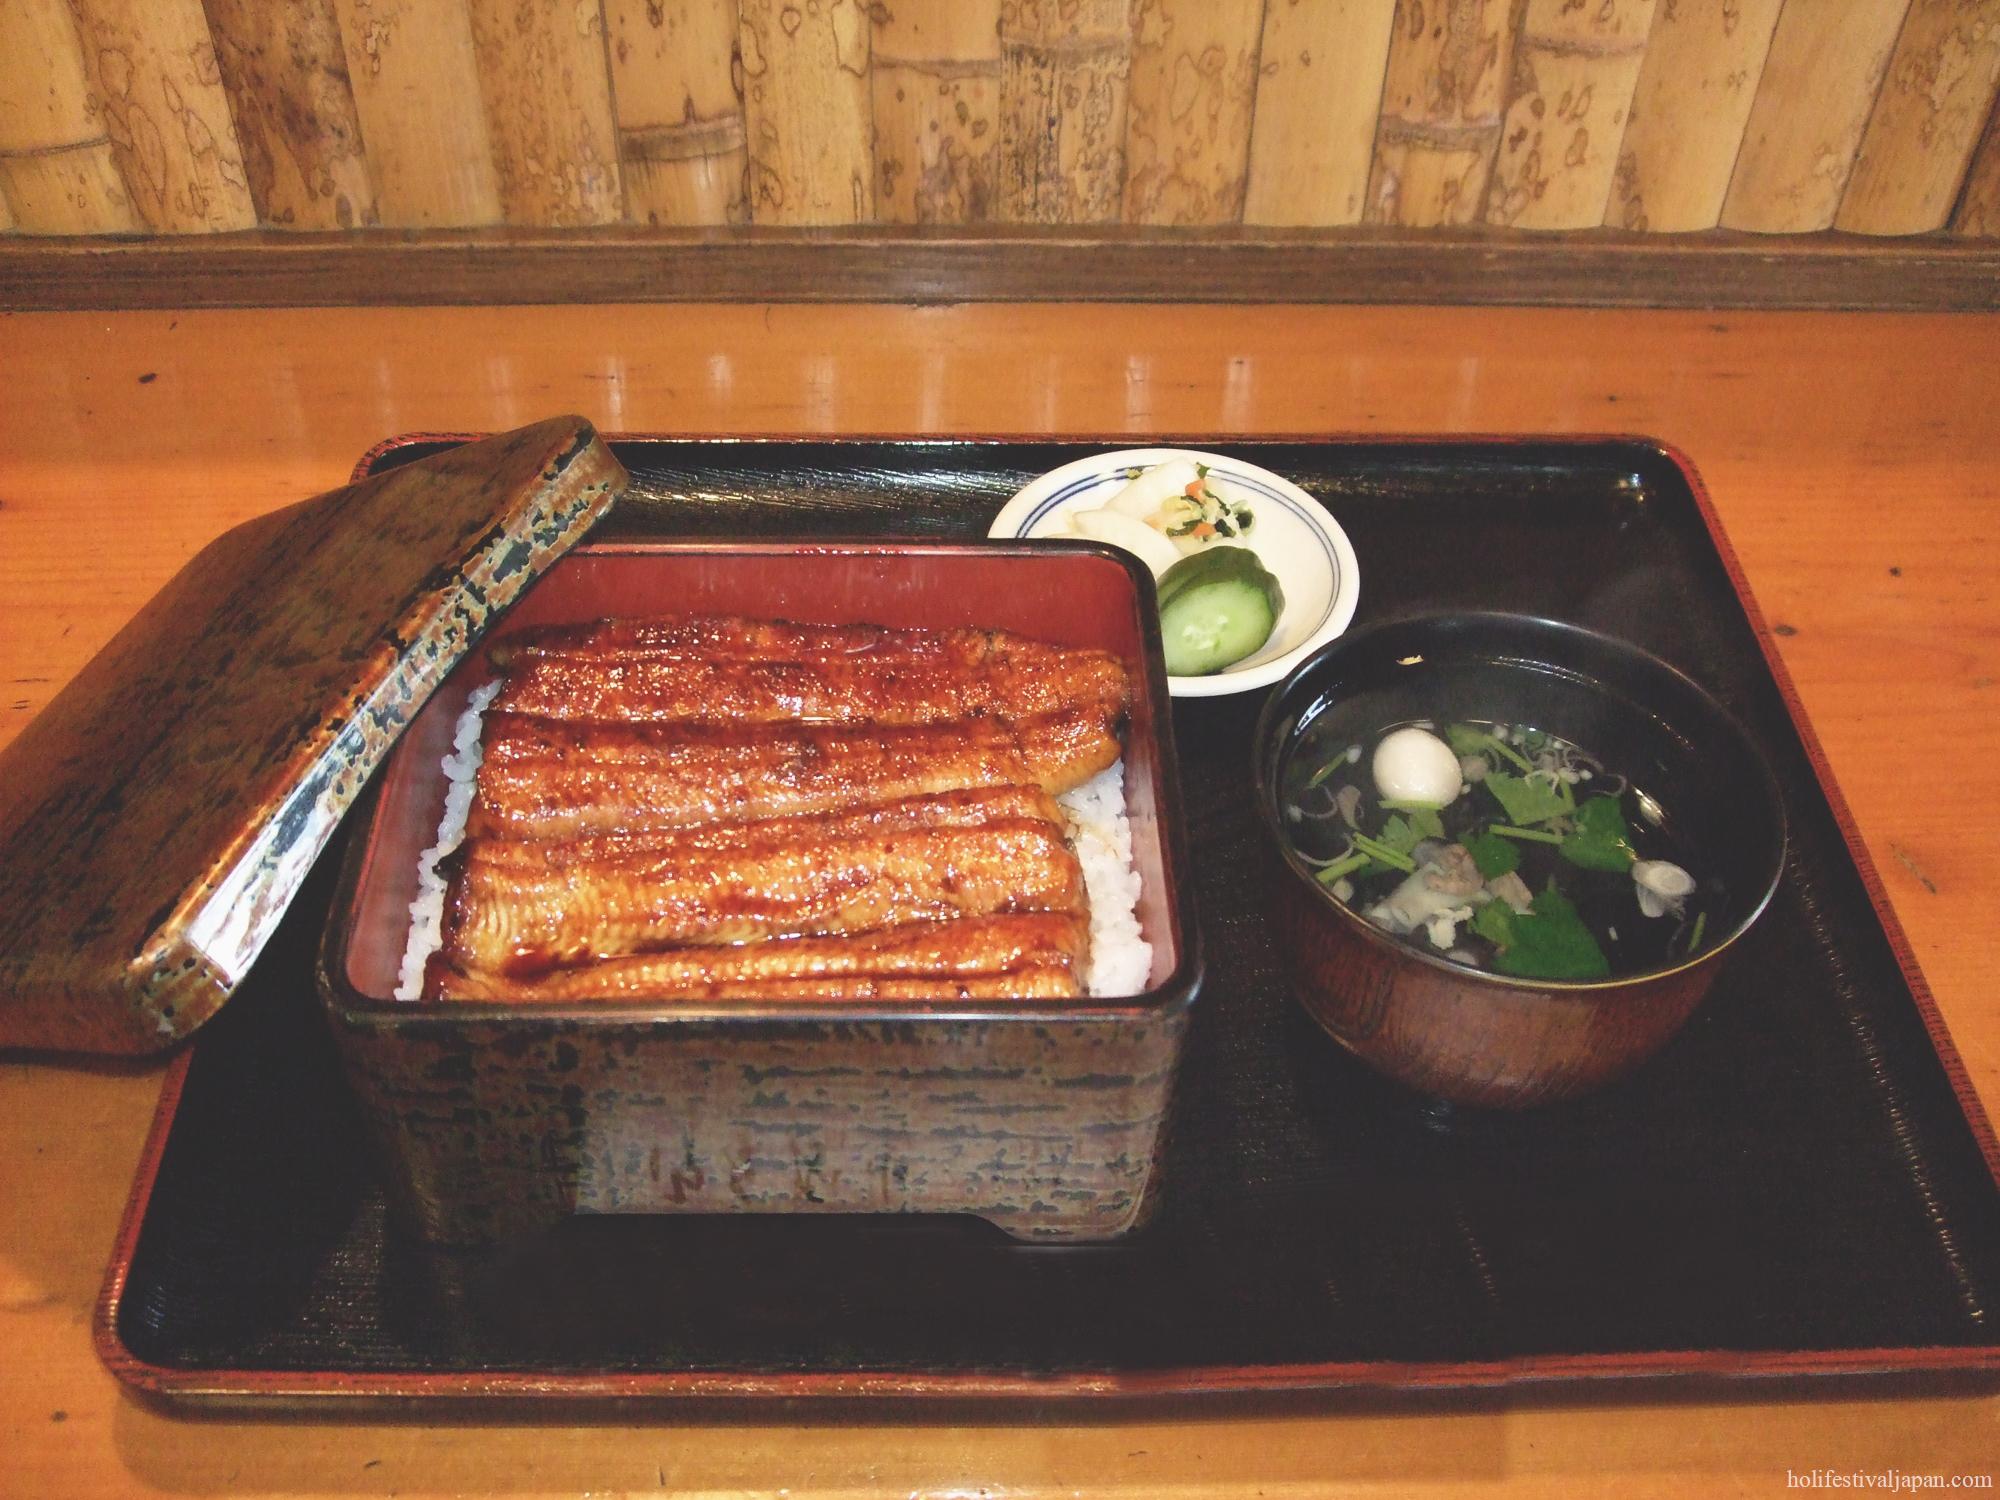 ปลาไหลญี่ปุ่นหรือ อูนางิ